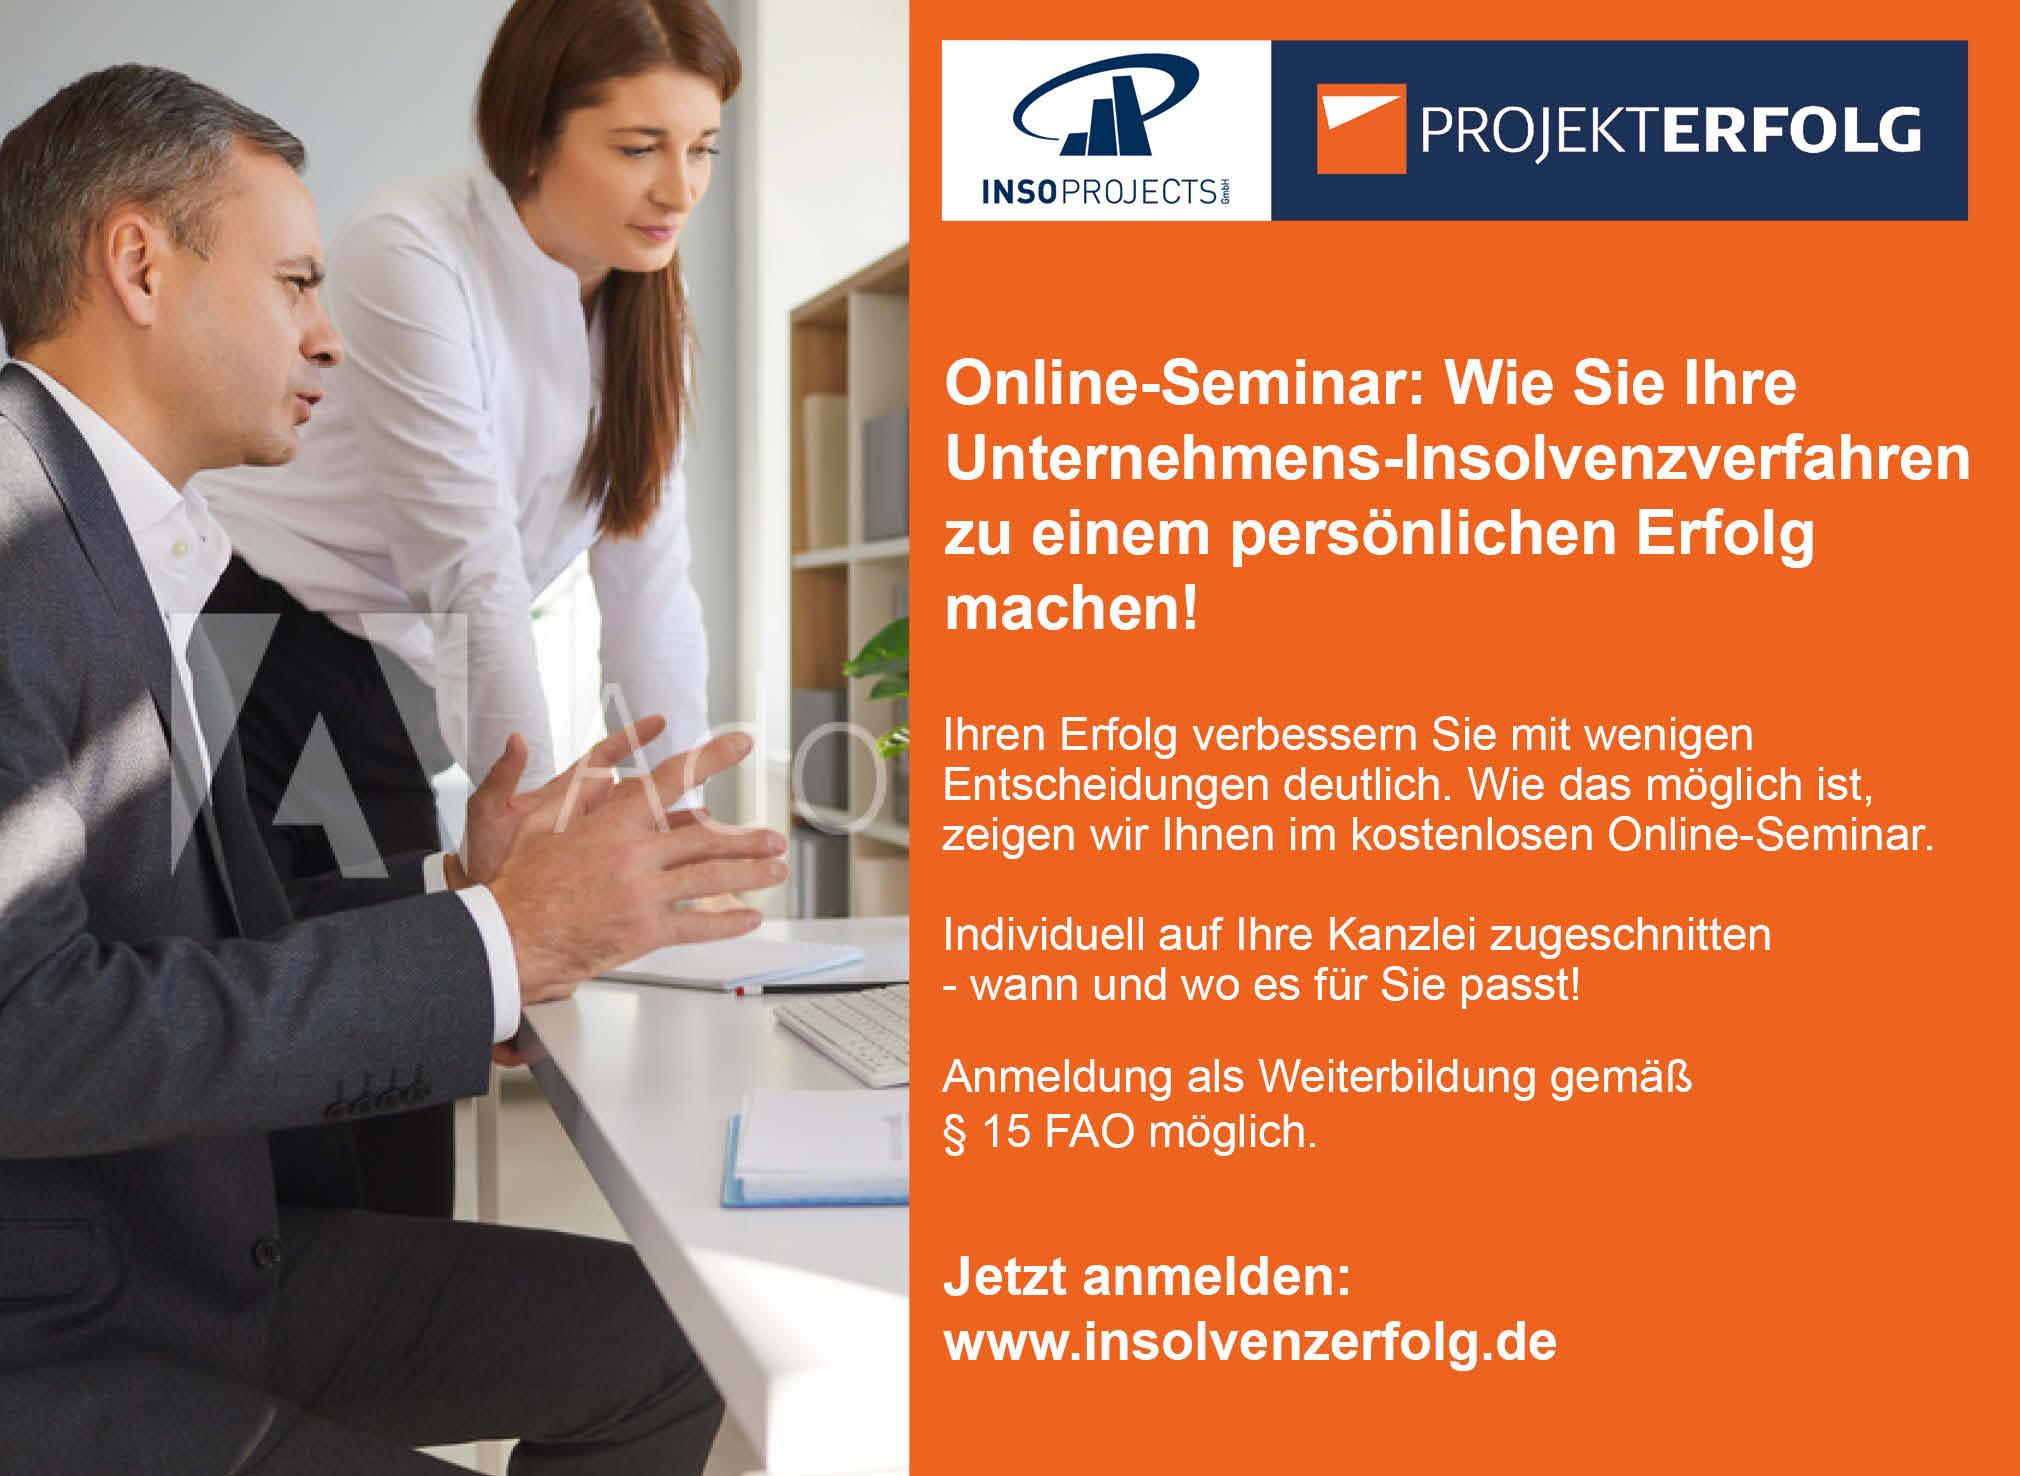 Einladung Online-Seminar